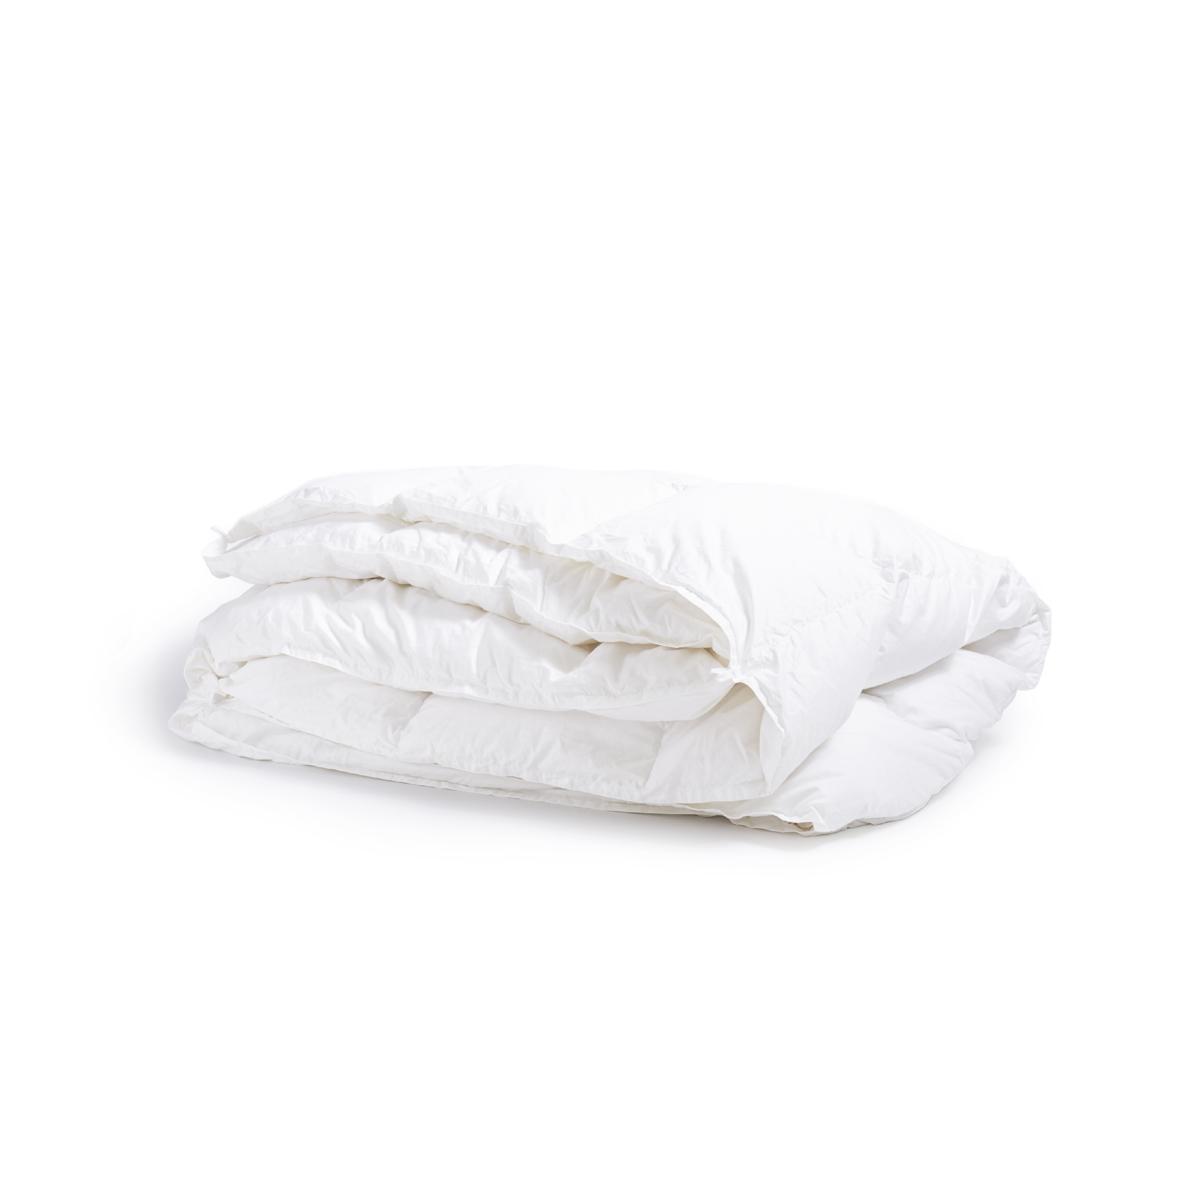 深い眠りを叶えてくれる「羽毛布団」|《羽毛布団/ダブル》一年中使える2枚ペア構造、深い眠りを叶えてくれる高品質羽毛布団 | クラウズ / ポーランド産ホワイトグースダウン90%(MONOCO限定)